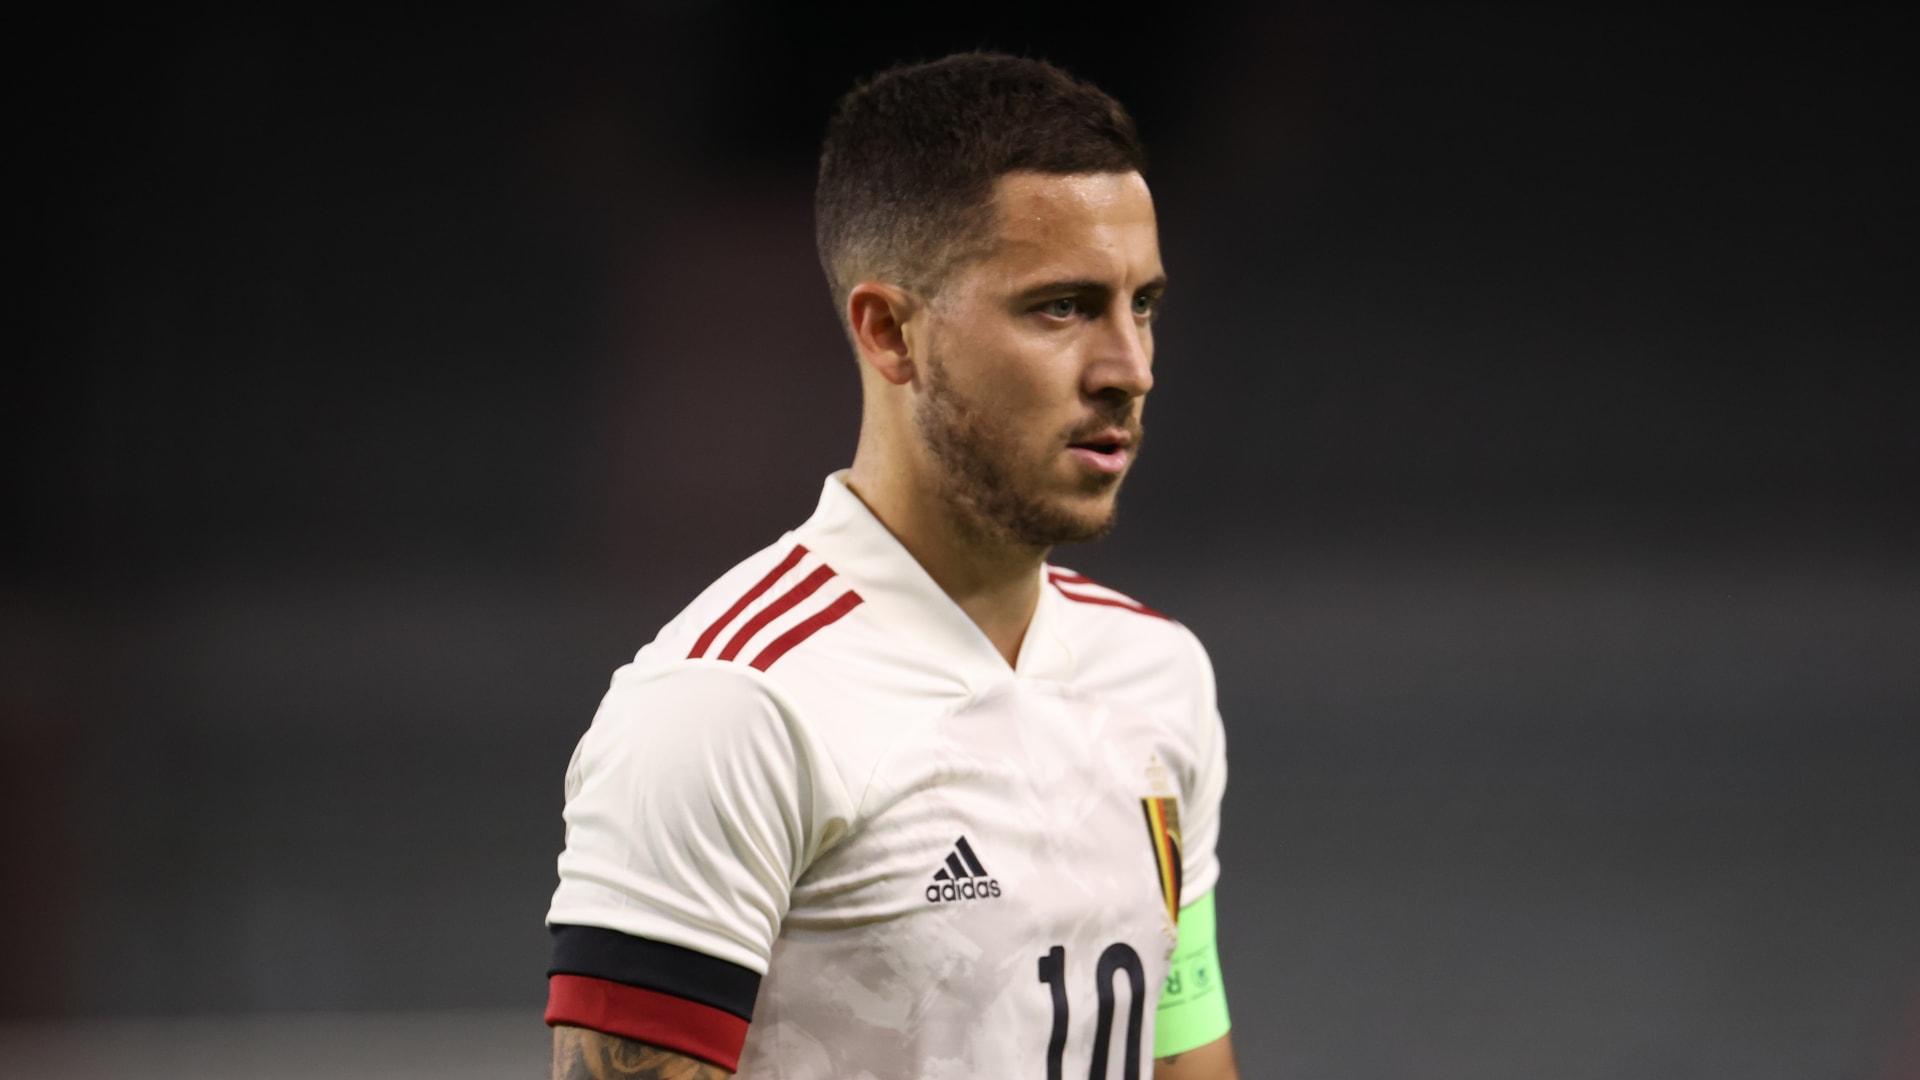 .يورو 2020.. فرصة هازارد لإنقاذ مسيرته وتحقيق أماني إدارة ريال مدريد